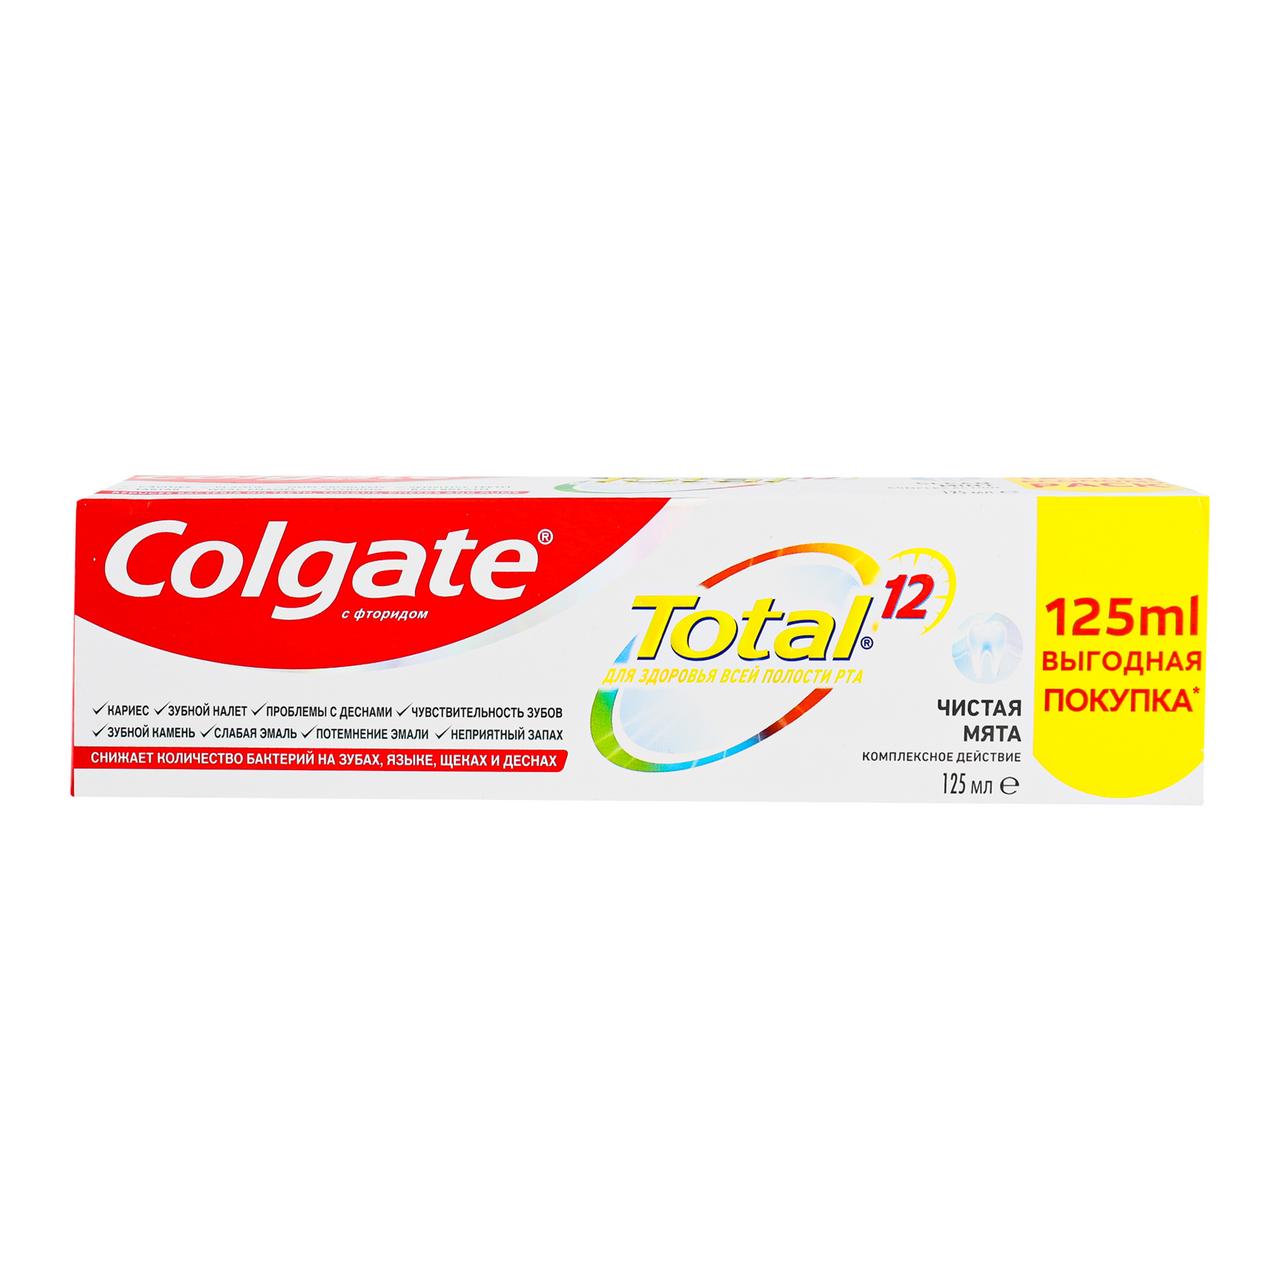 Зубна паста Colgate Total 12 Чиста м`ята 125мл